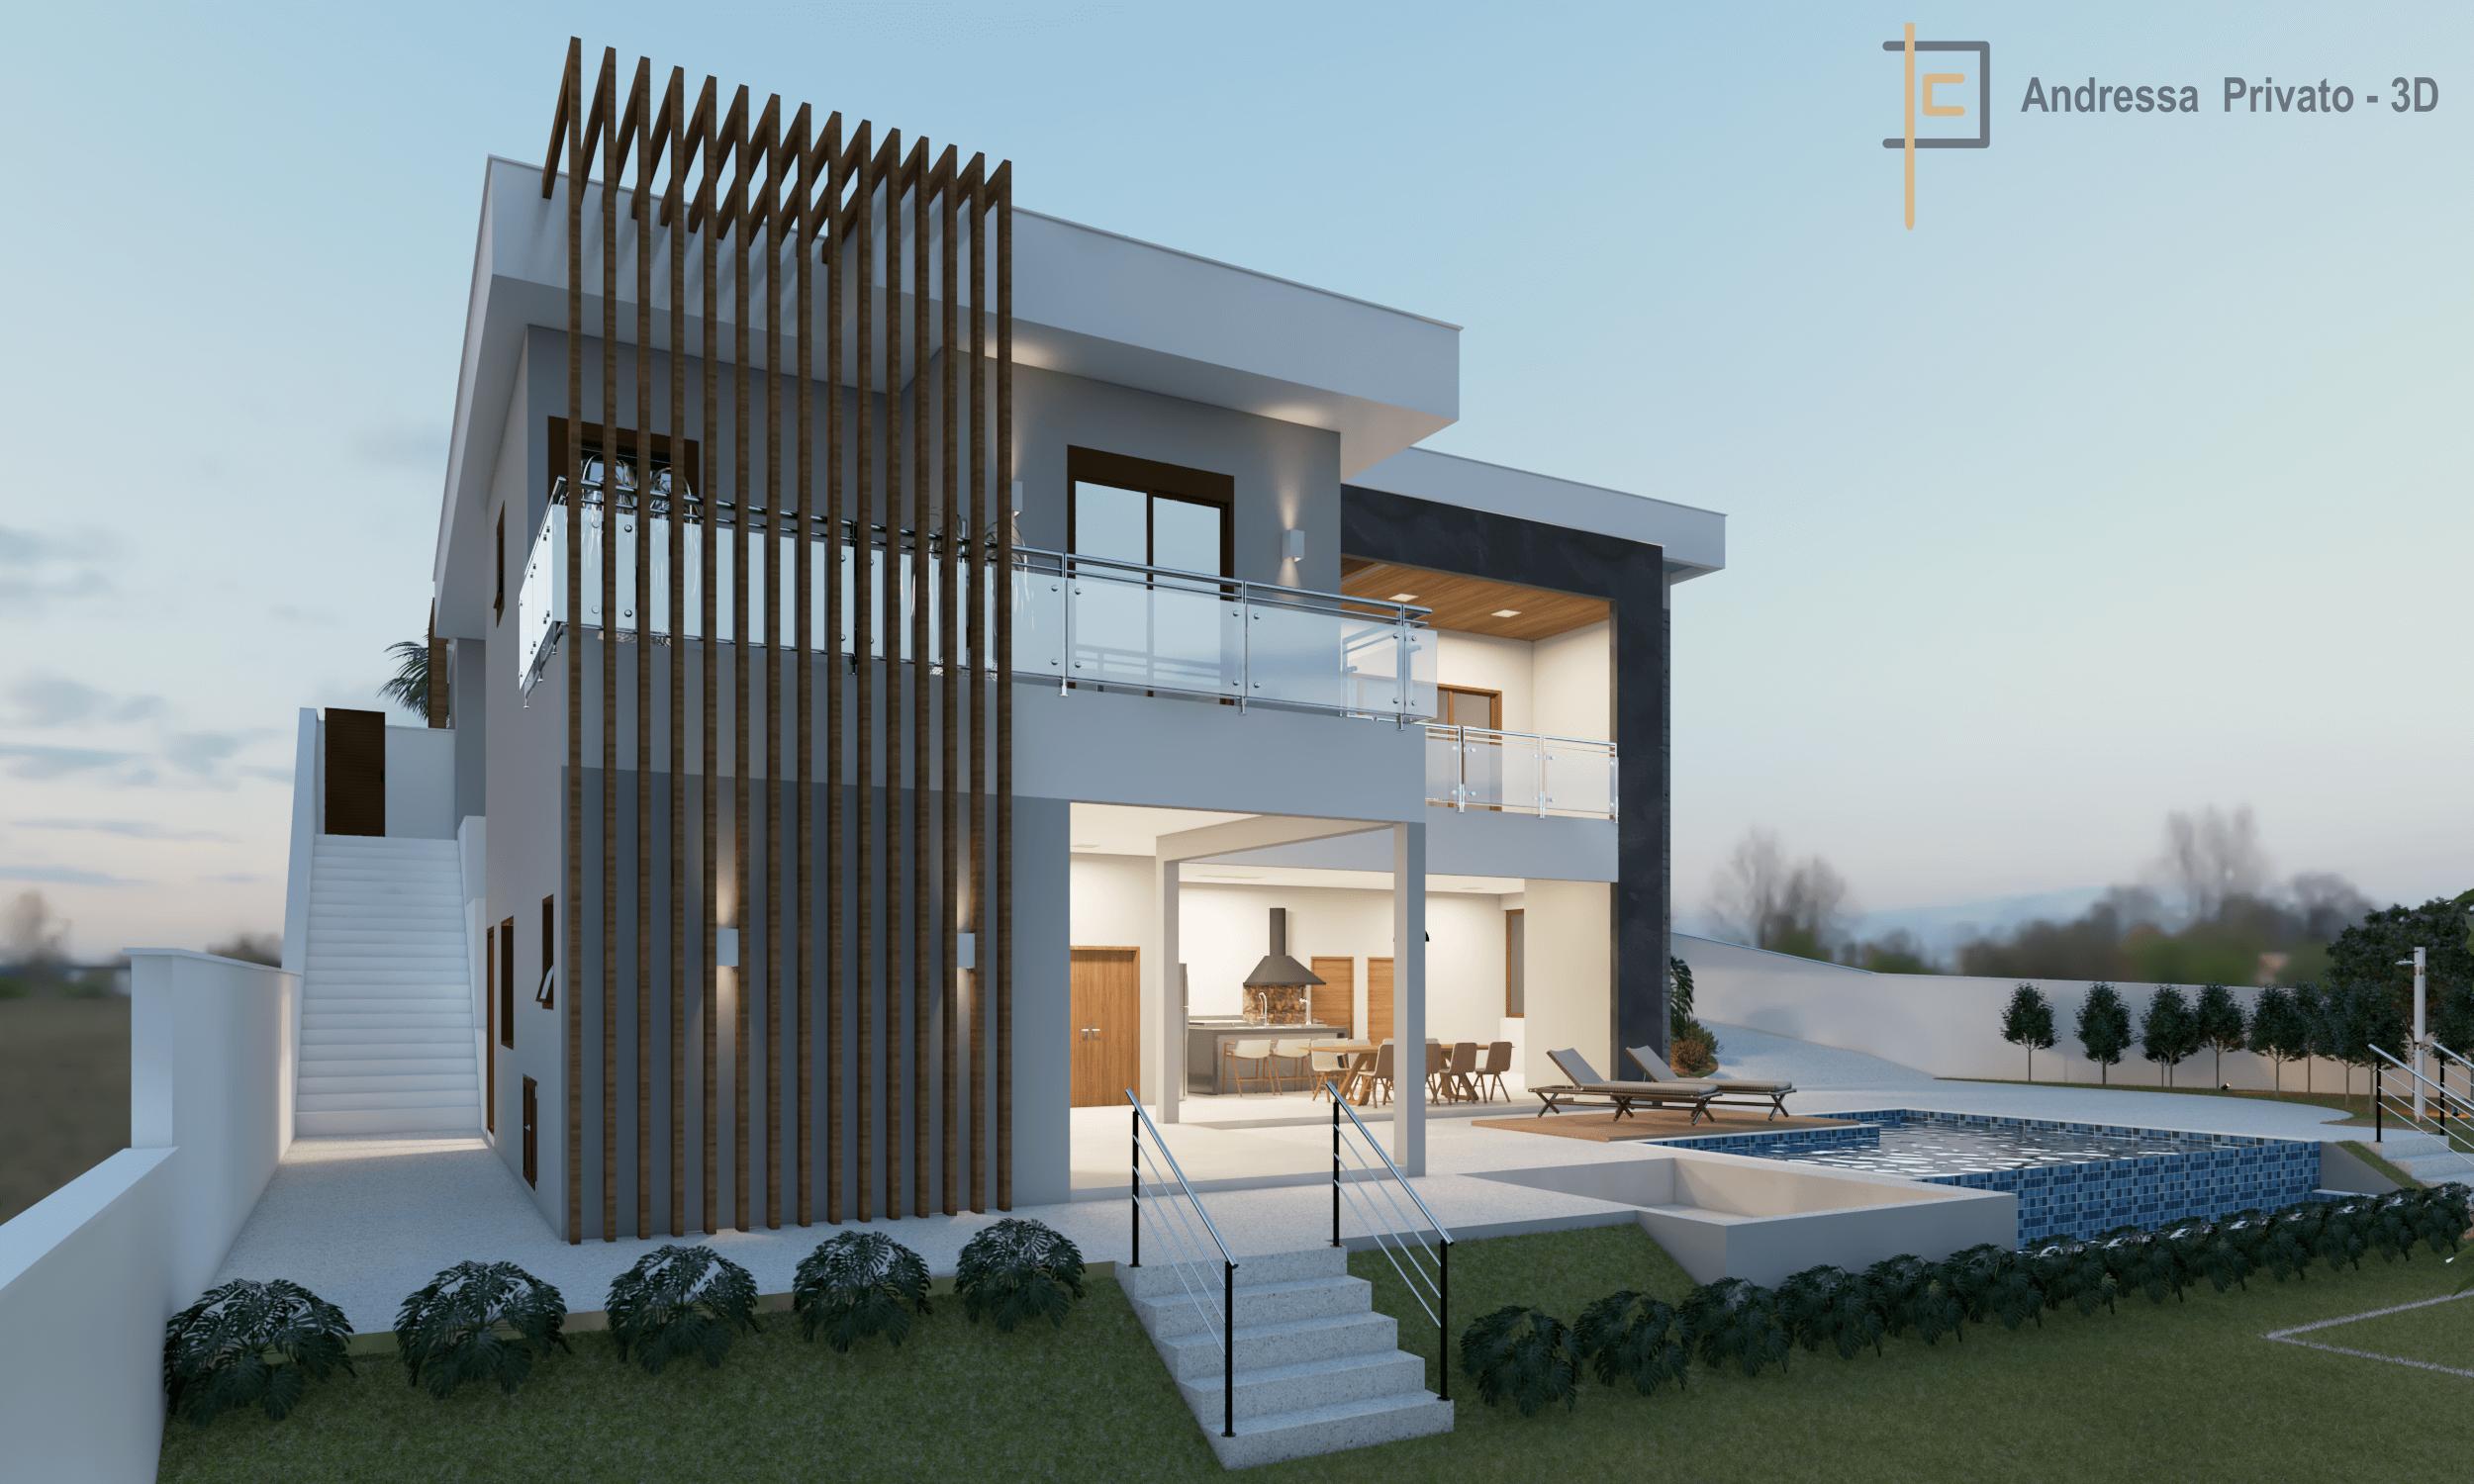 Casa projeto 3D